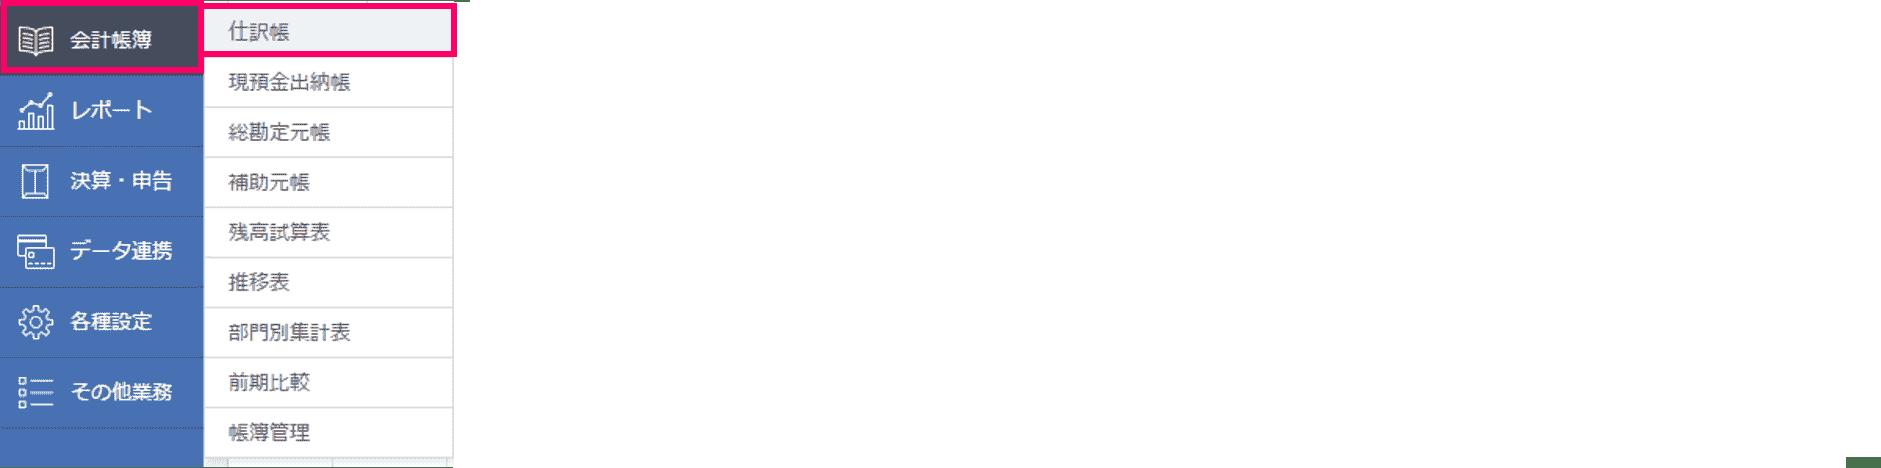 MFクラウド会計のホーム画面の「仕訳帳」を選択する